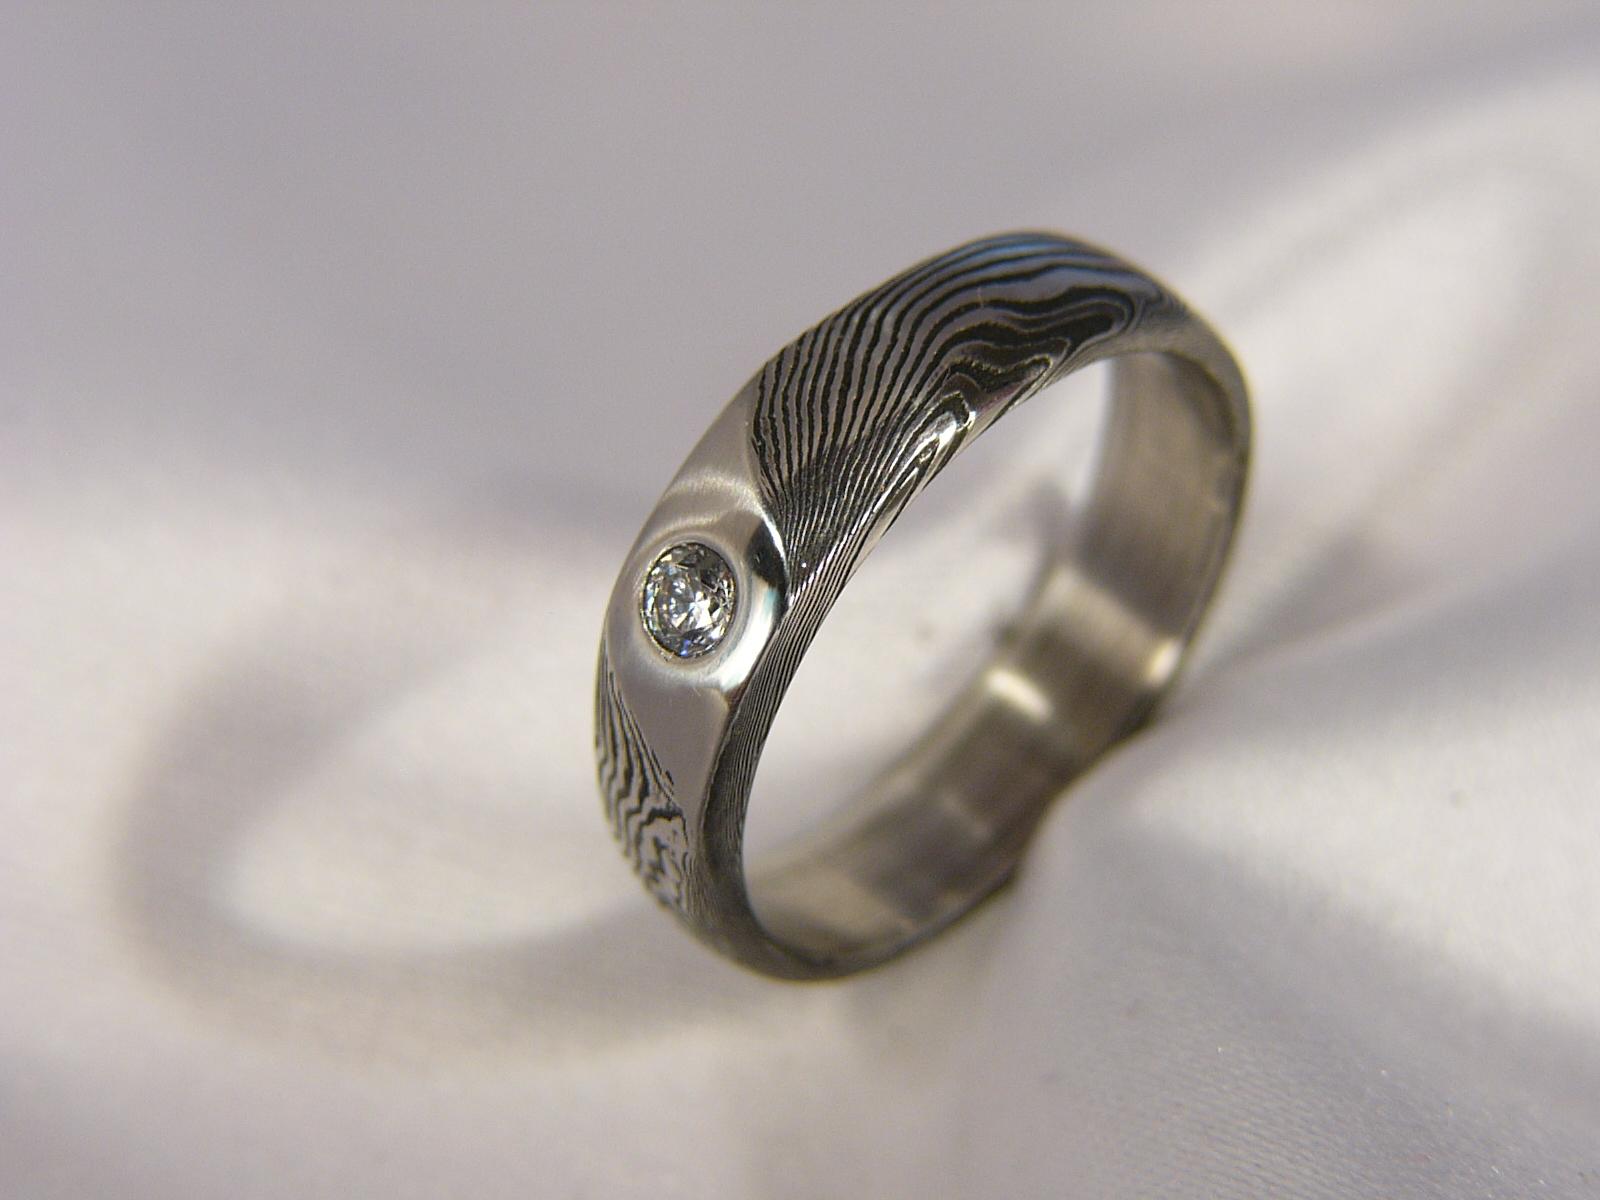 Zásnubní prsten Bigwenir z damascénské oceli   Zboží prodejce Cubick ... 2c7d96c0f2